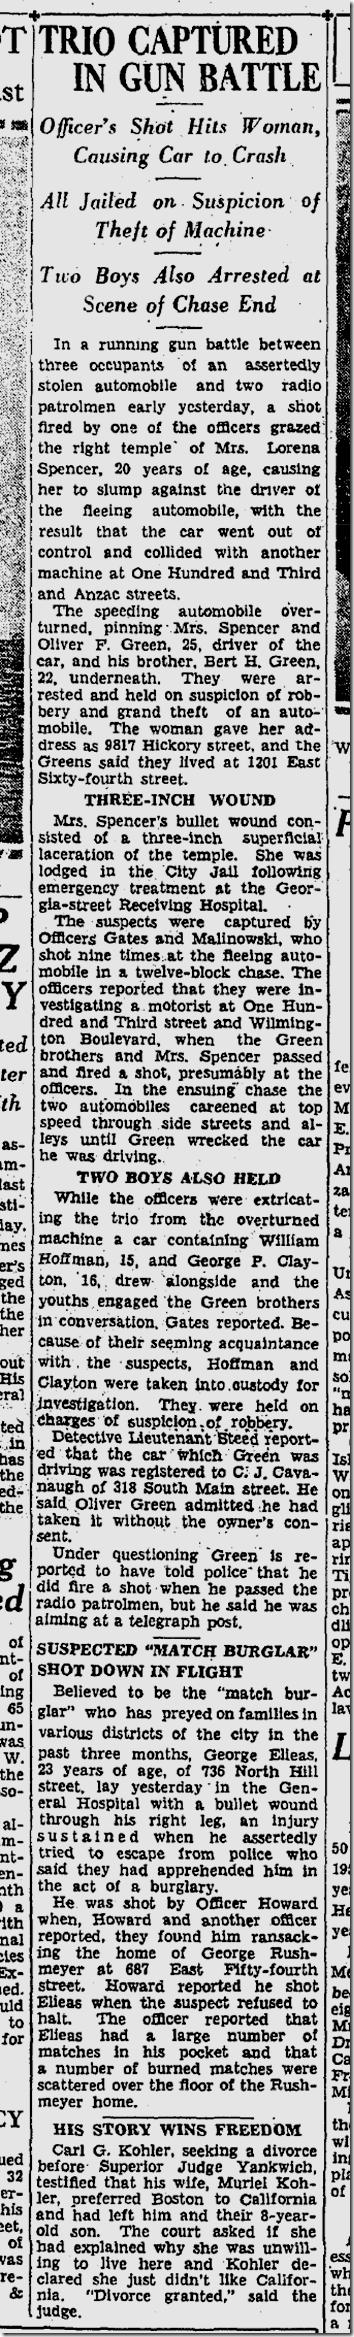 Sept. 25, 1933, Police Involved Shooting